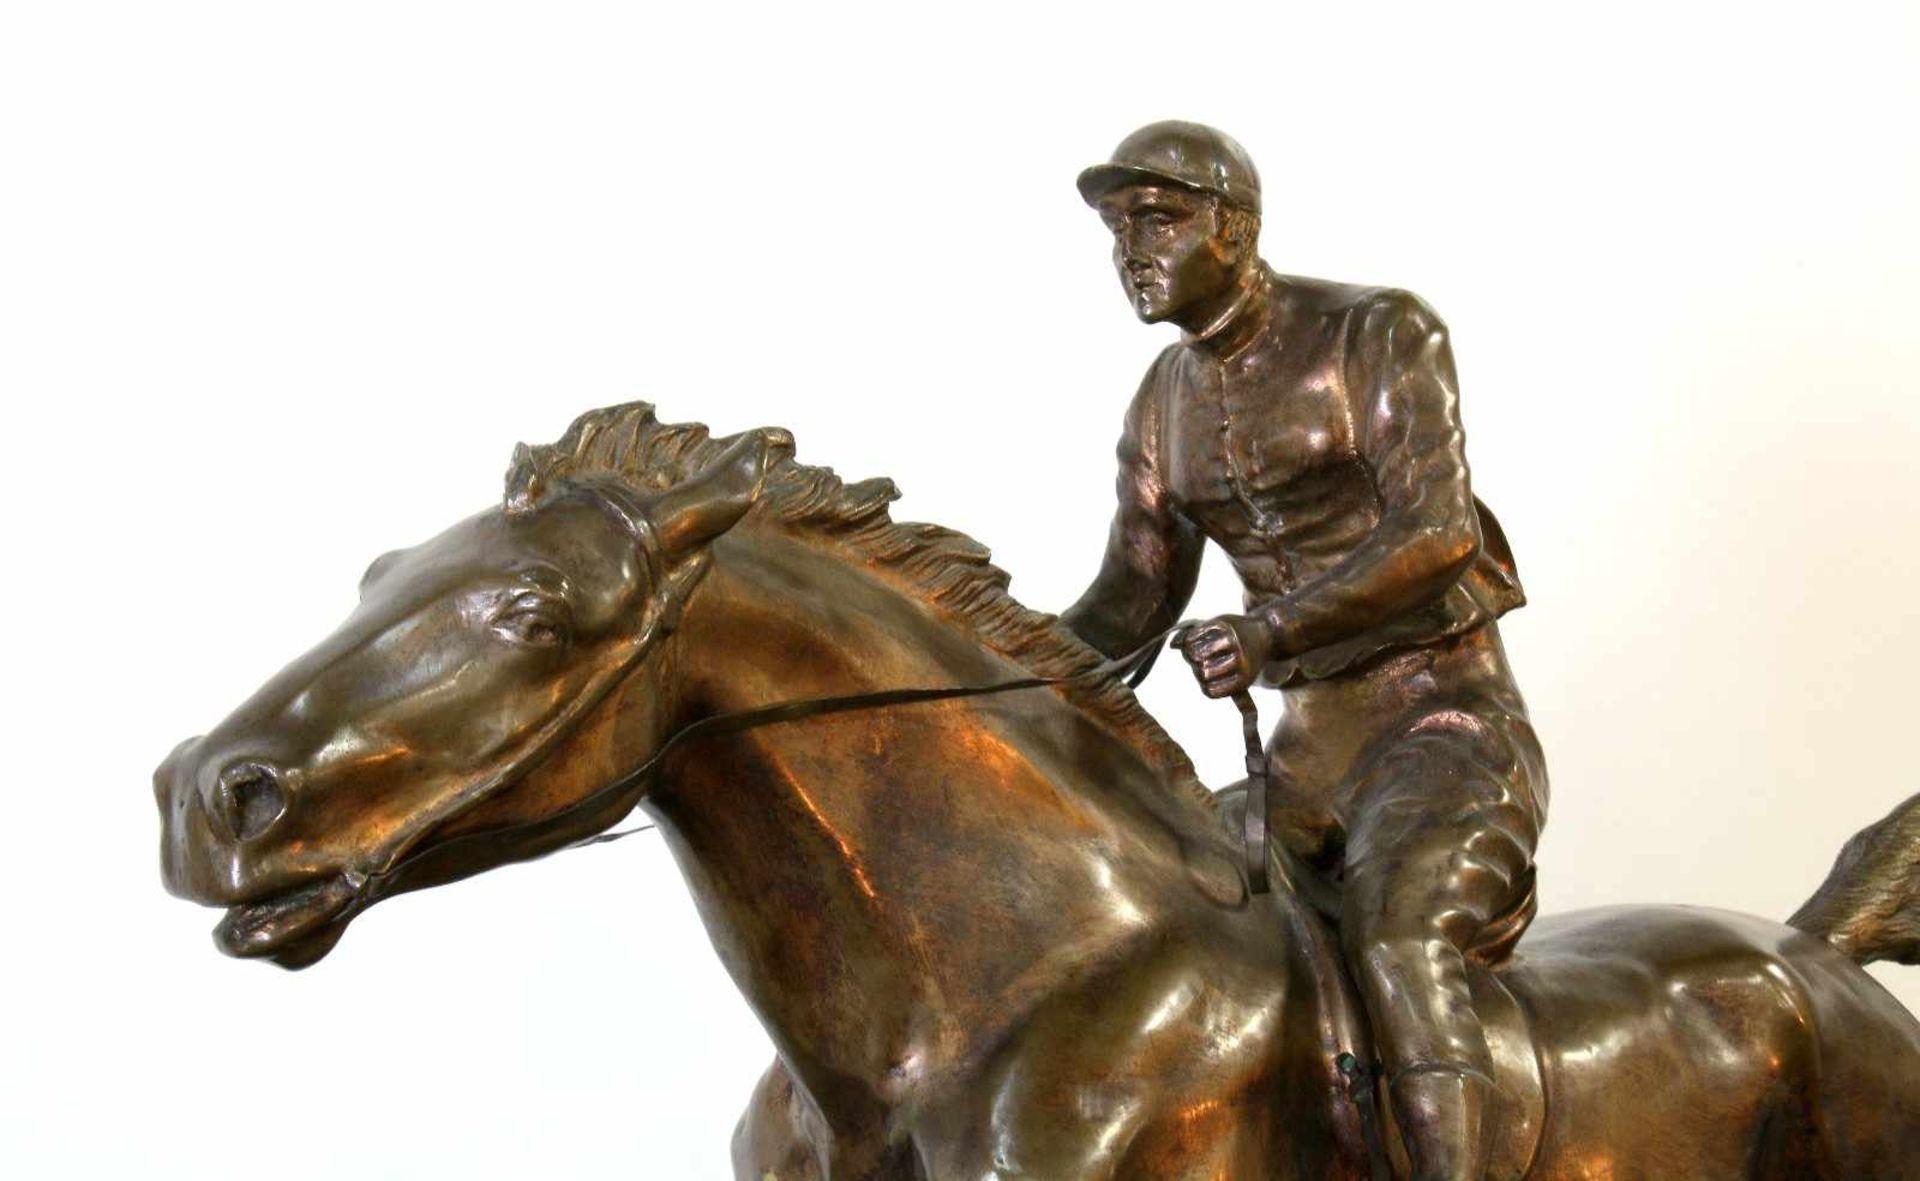 """Bronzeskulptur """"Jockey im Hürdenrennen"""" nach Isidor Jules Bonheur (1827-1901) Die Skulptur aus - Bild 3 aus 5"""